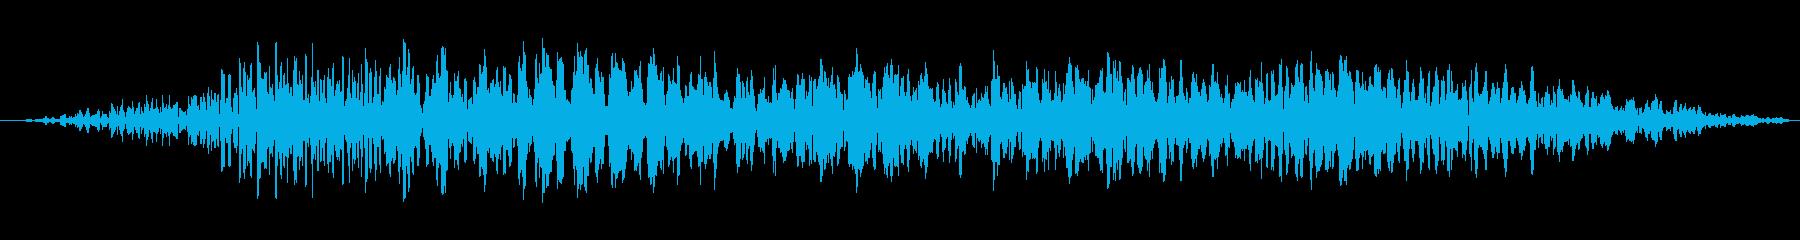 小型サーボ:短いスクープの動き、S...の再生済みの波形